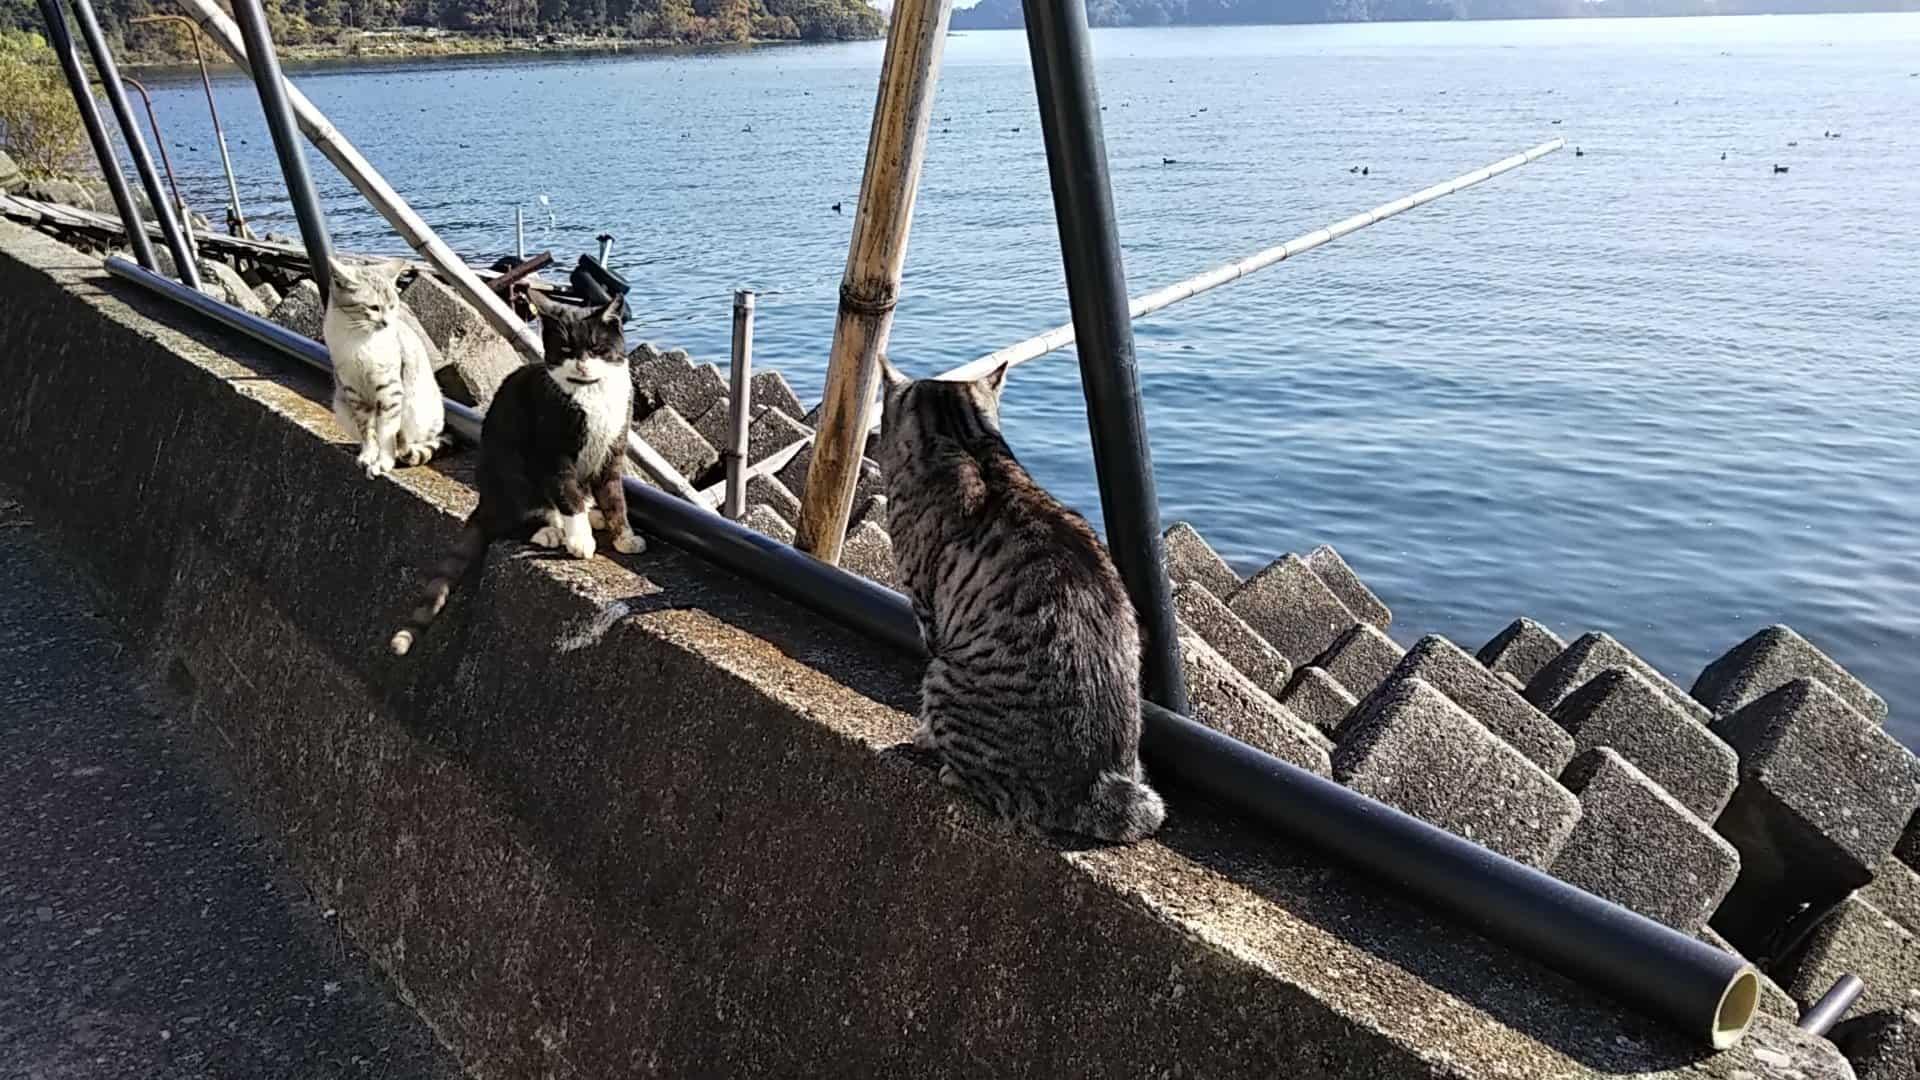 เกาะ แมว ญี่ปุ่น : เกาะโอคิชิมะ จังหวัดชิกะ